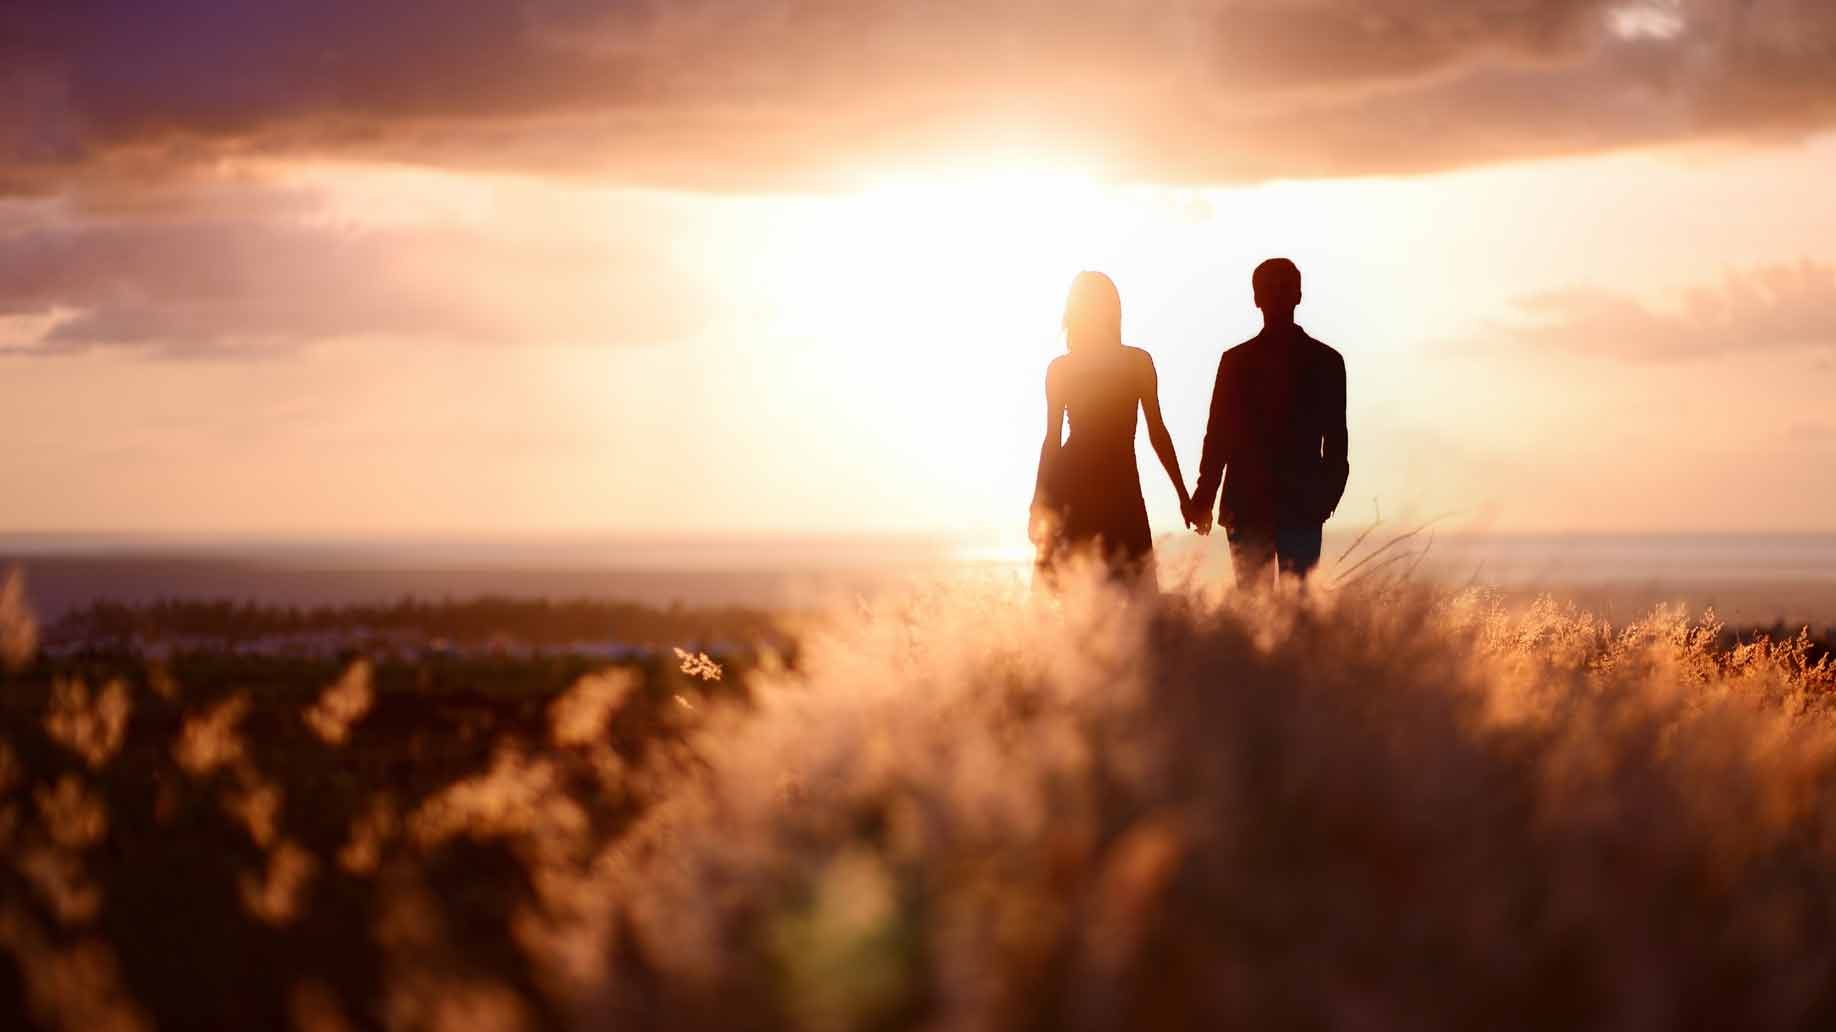 Schneidezahn gezogen ersatz homosexual relationship